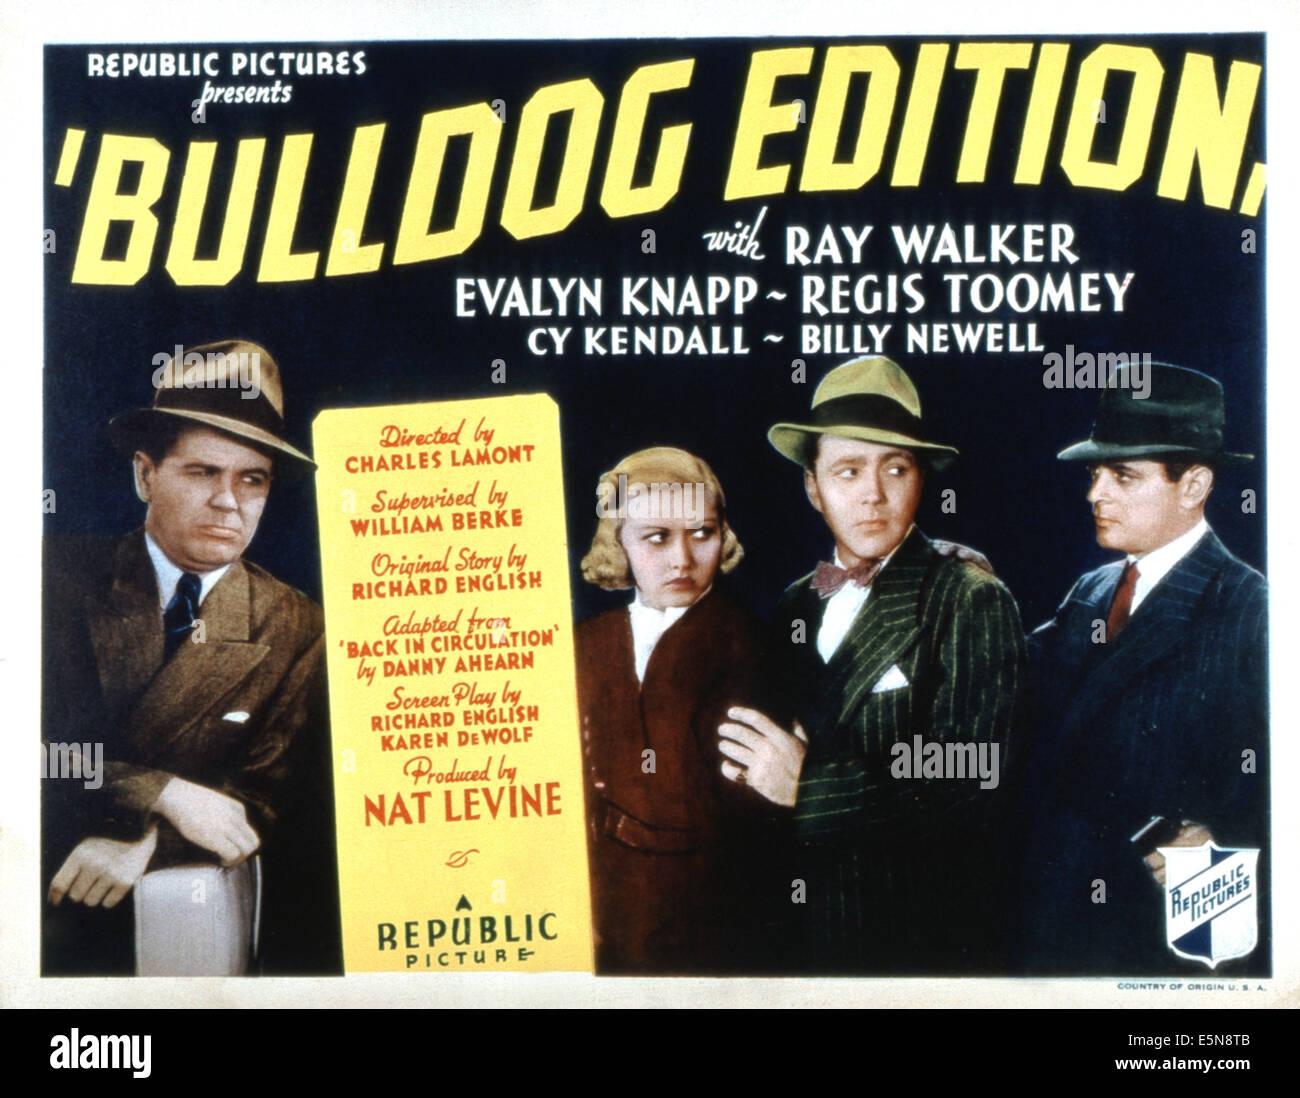 bulldog-edition-regis-toomey-evalyn-knap